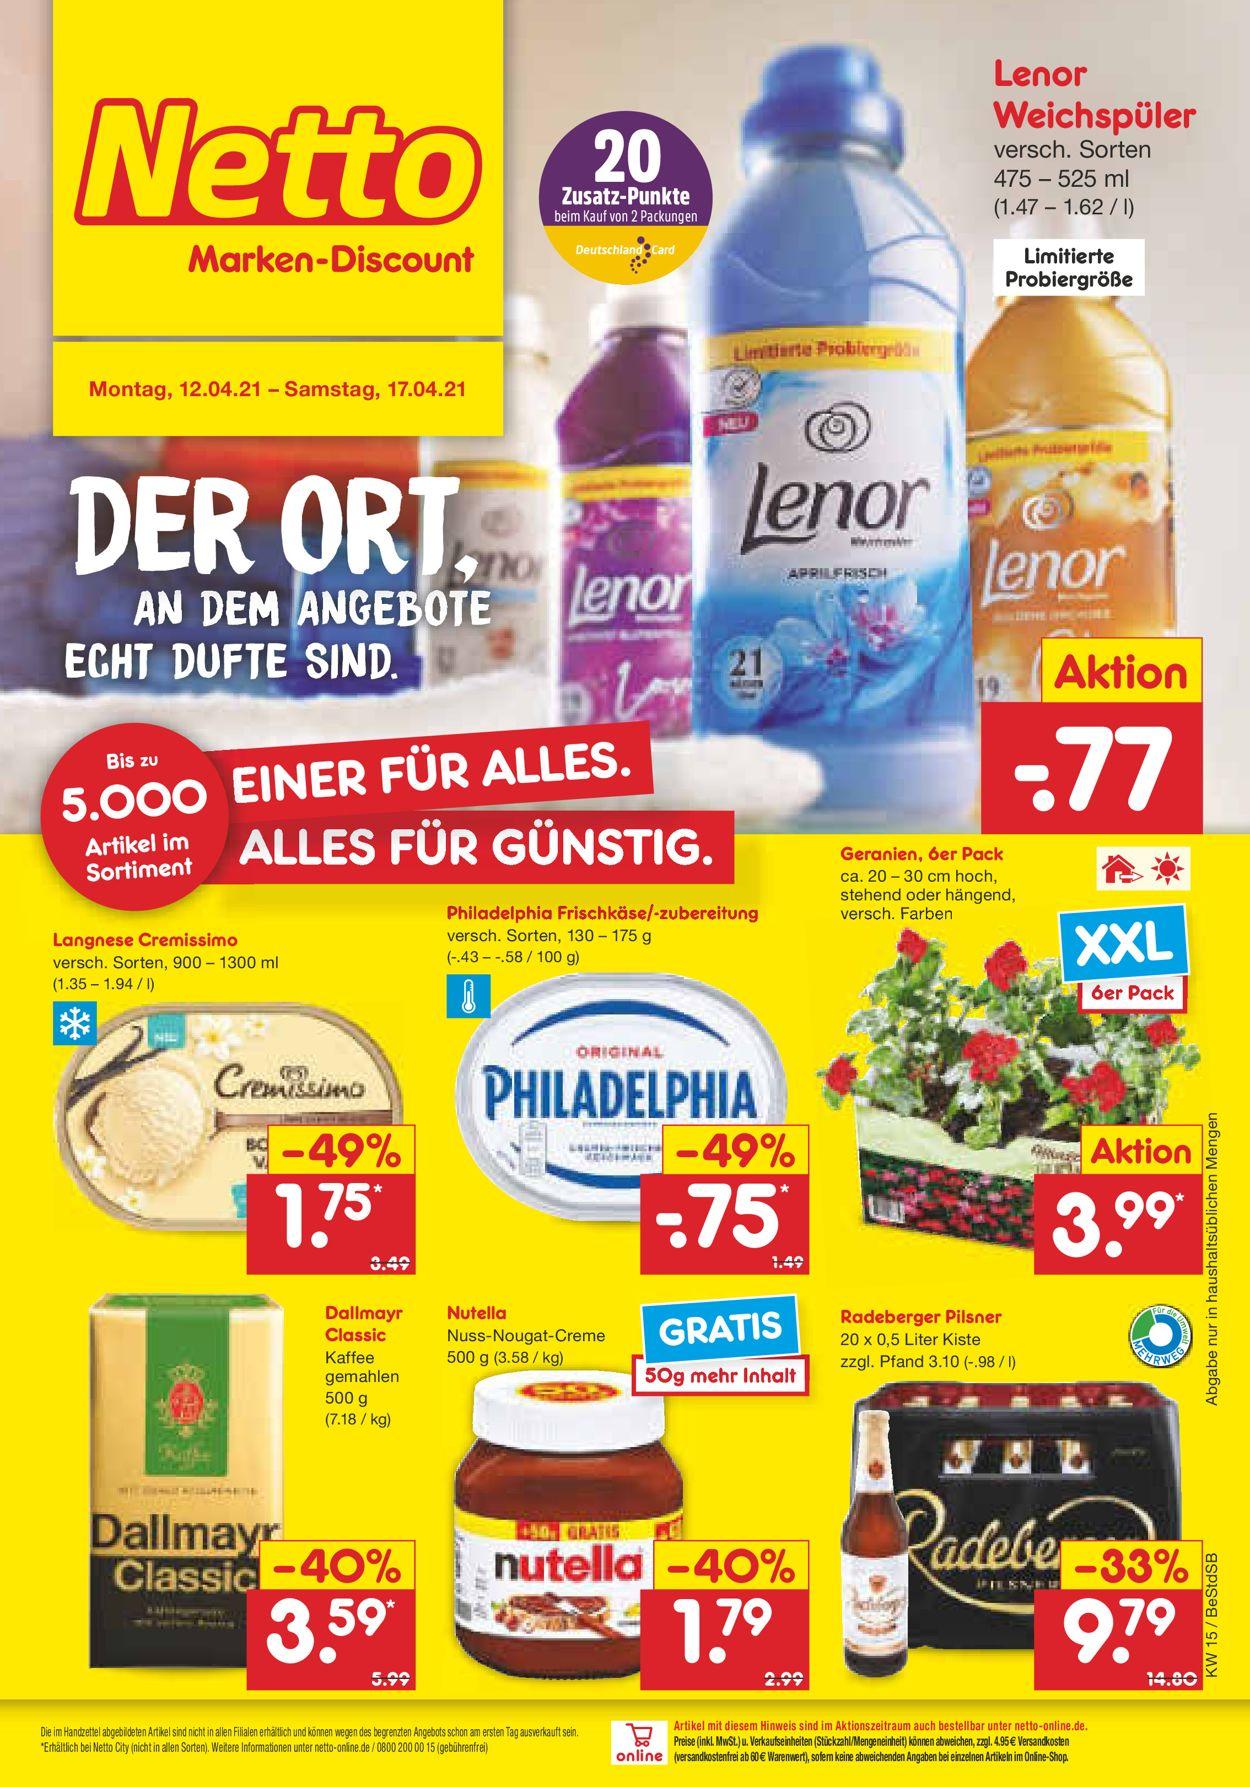 Netto Marken-Discount Prospekt - Aktuell vom 12.04-17.04.2021